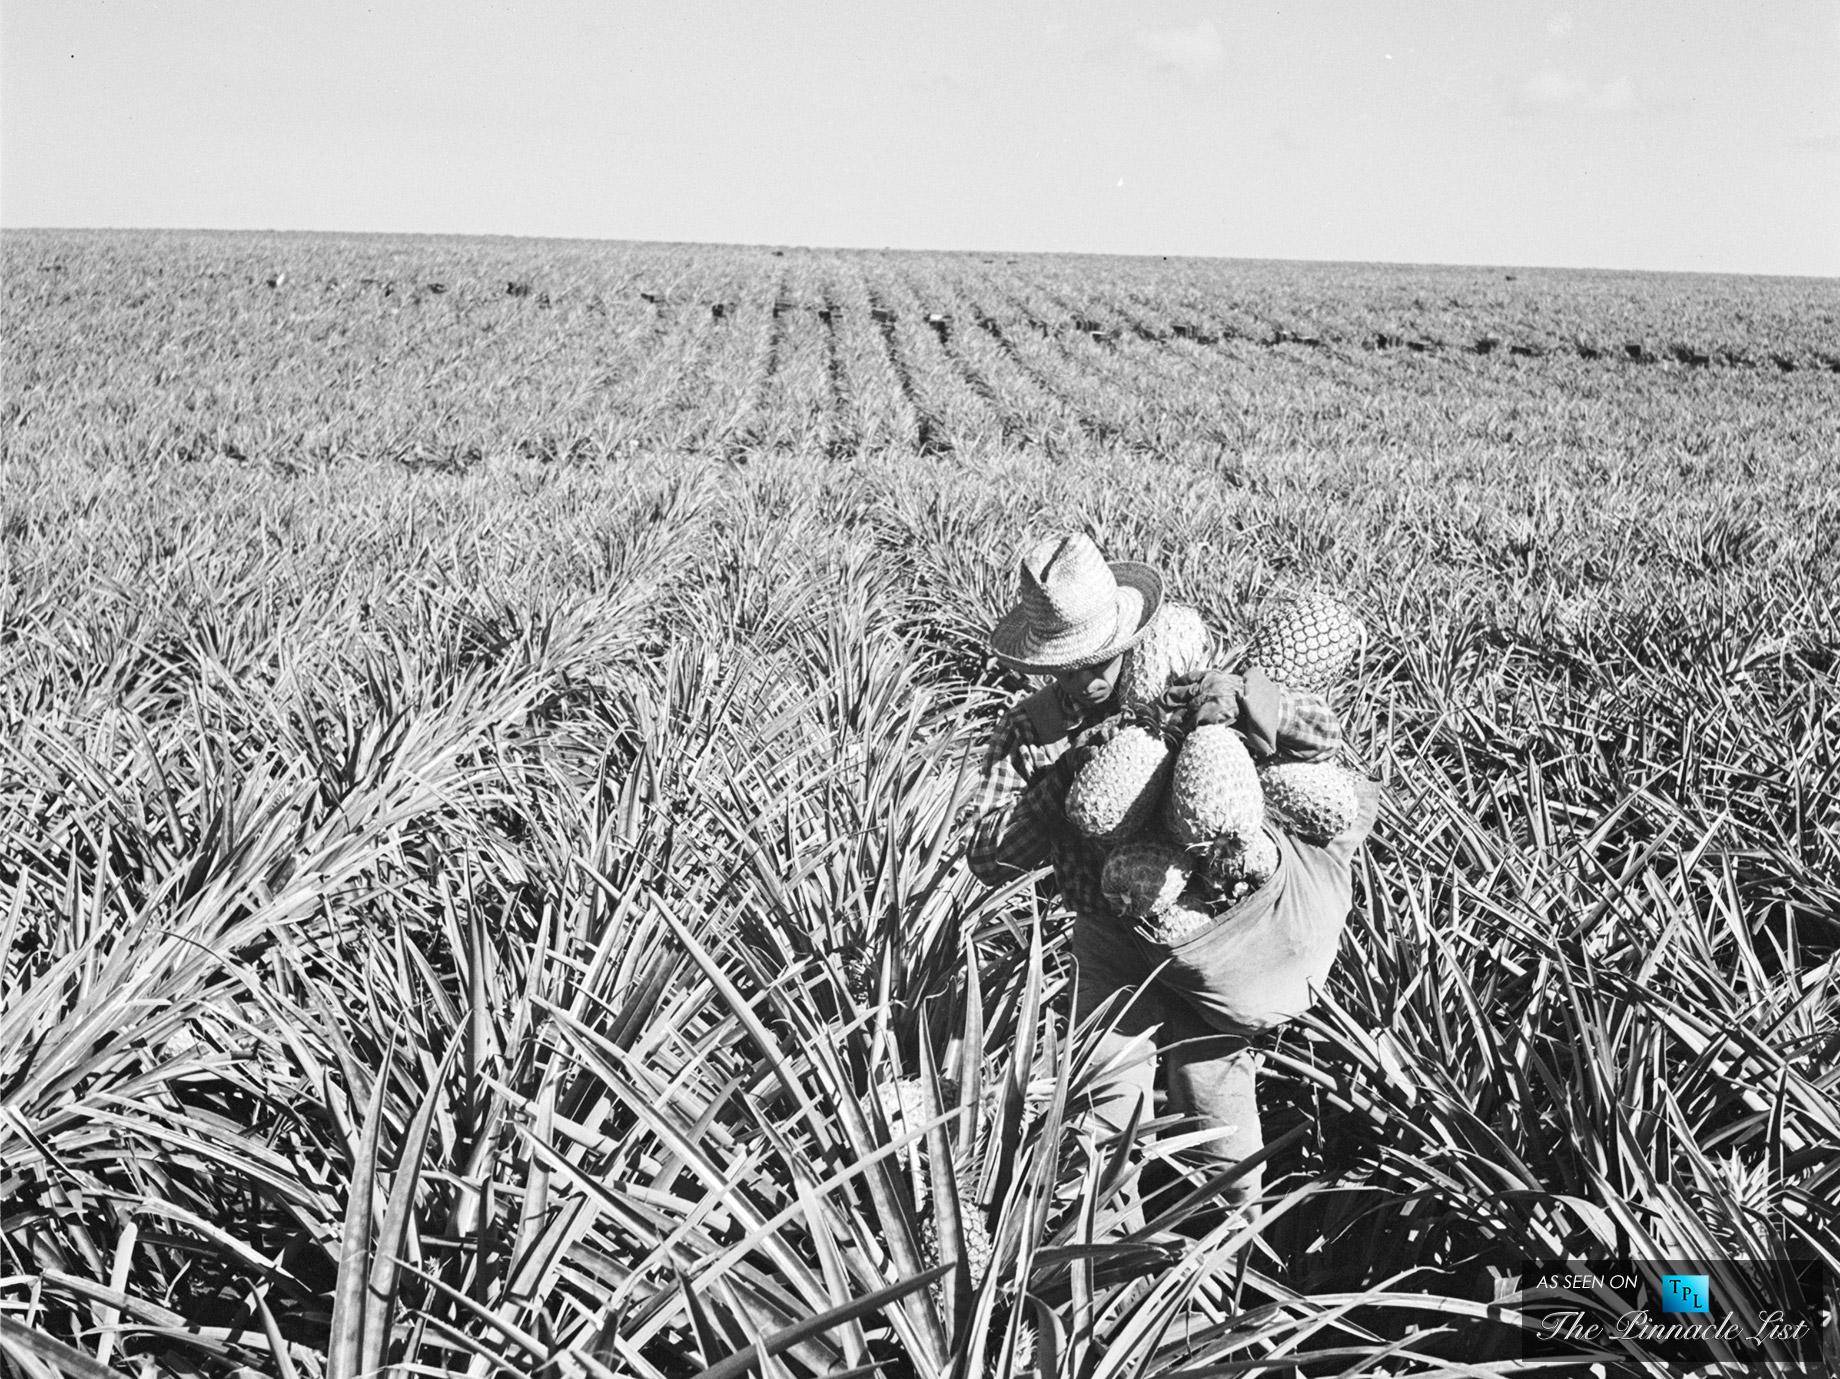 Avec l'achat de l'île de Lanai, Dole s'offrit 80 km2 d'ananas et plus de 75 % de la production mondiale !